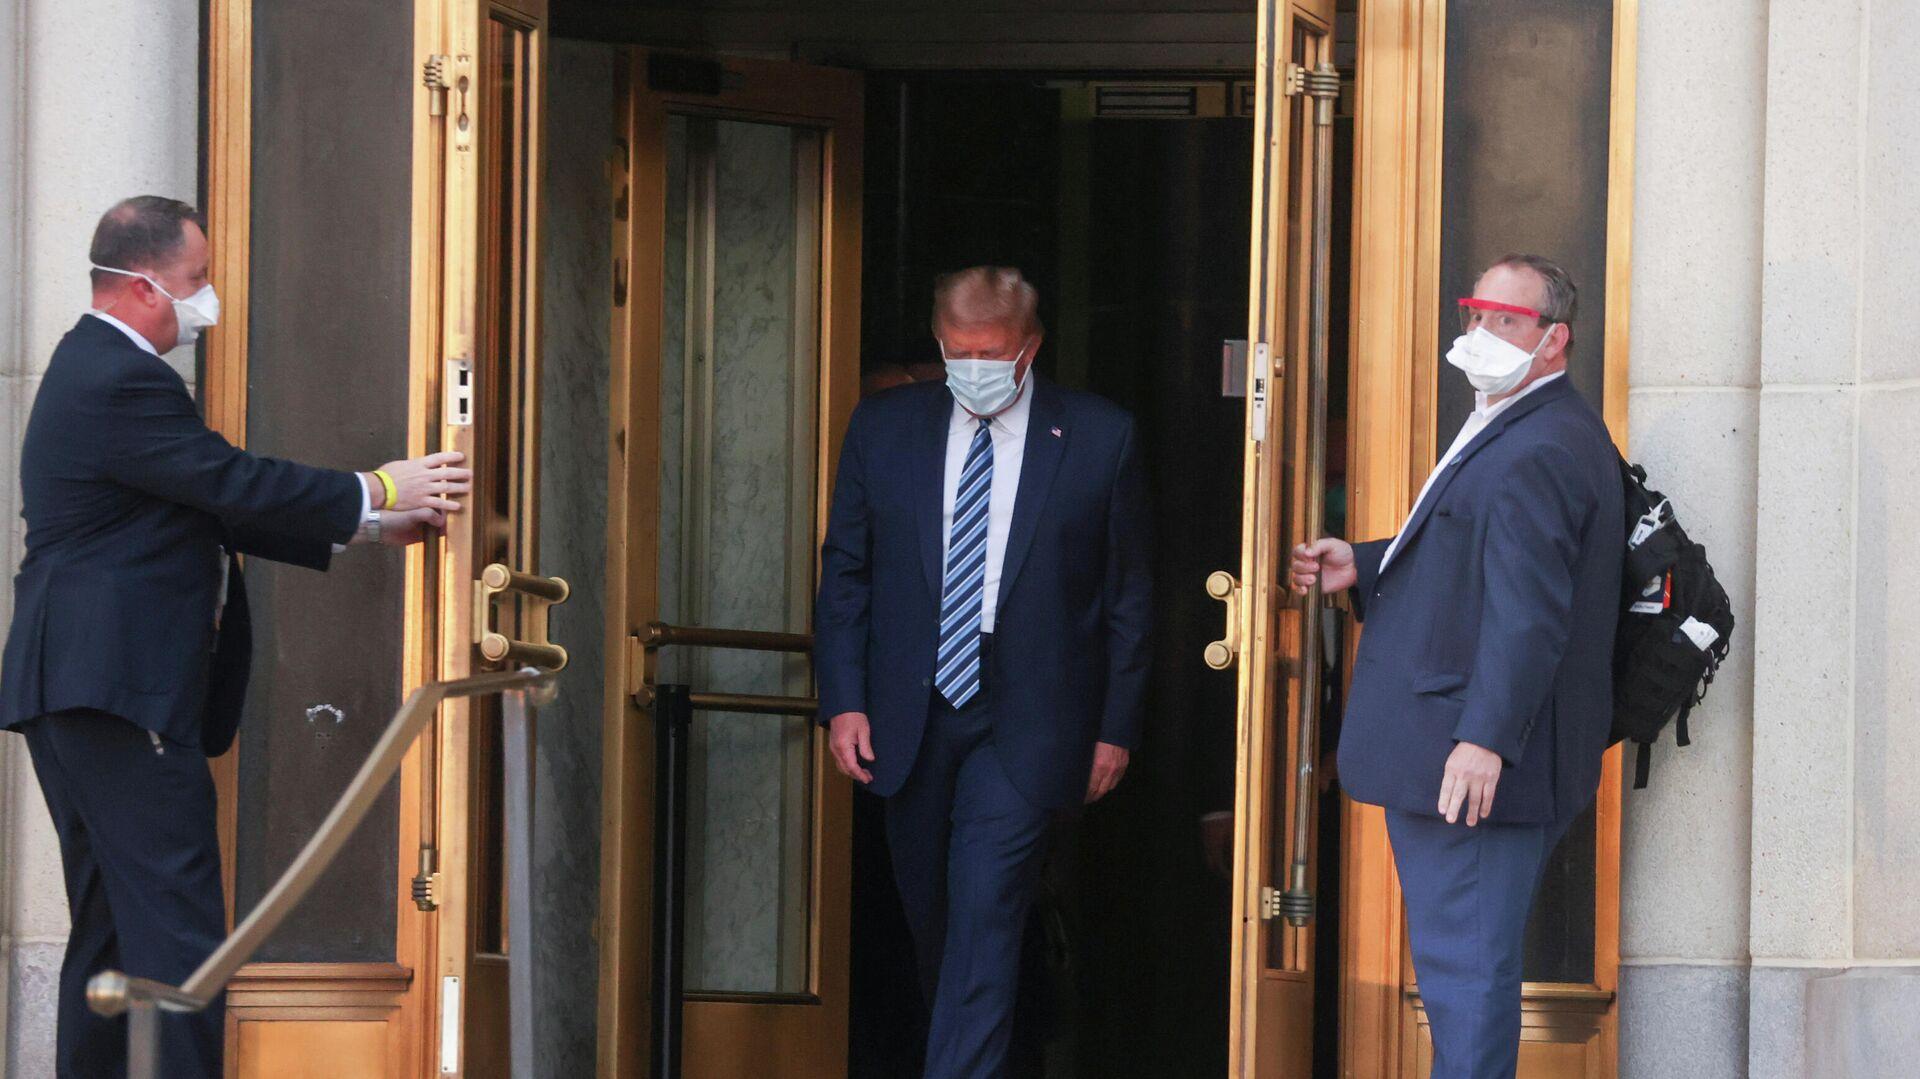 Президент США Дональд Трамп покидает Национальный военно-медицинский центр Уолтера Рида после лечения от коронавирусной болезни - РИА Новости, 1920, 10.10.2020